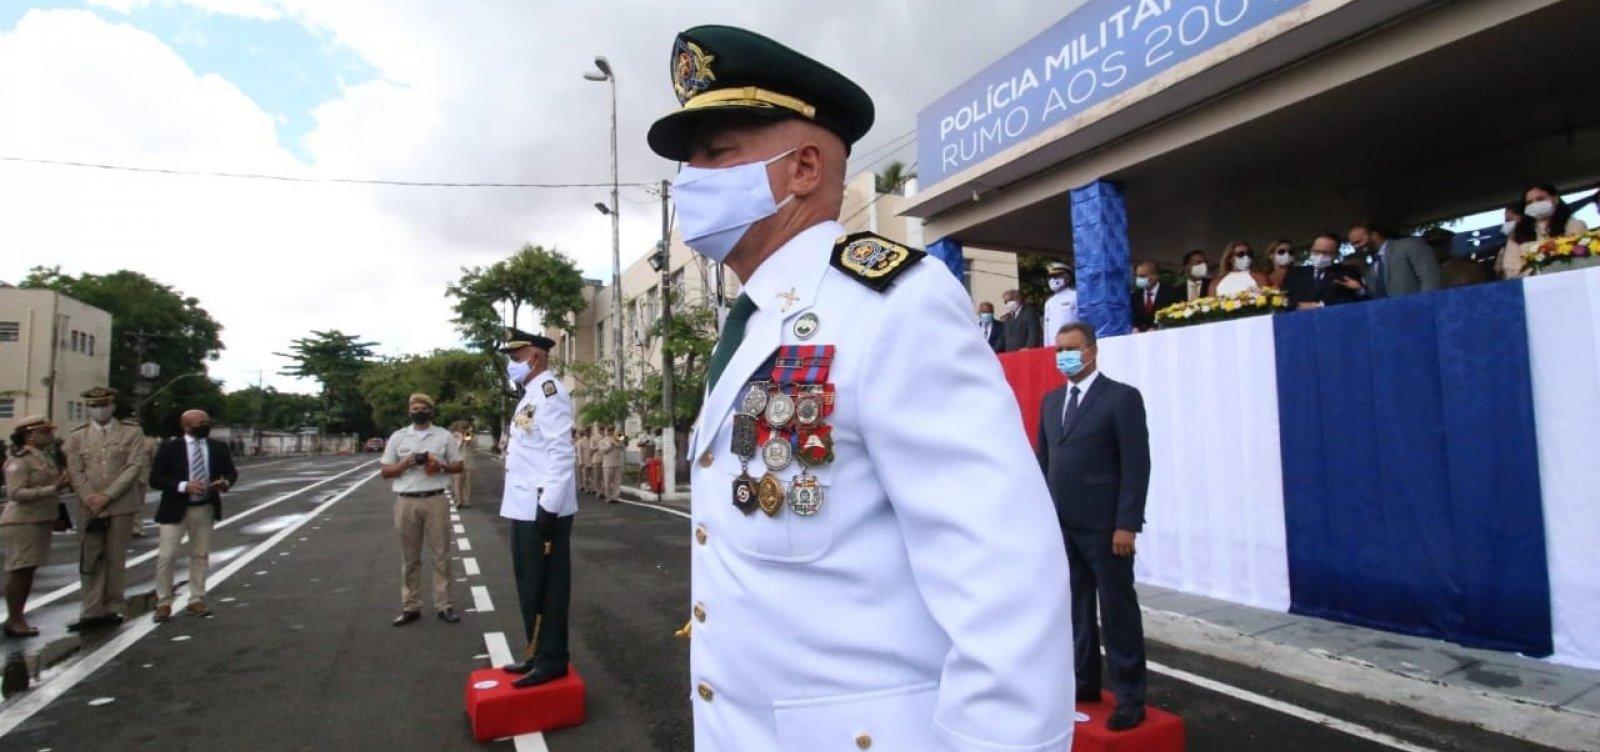 Novo comandante, coronel Coutinho, é nomeado pela Polícia Militar da Bahia